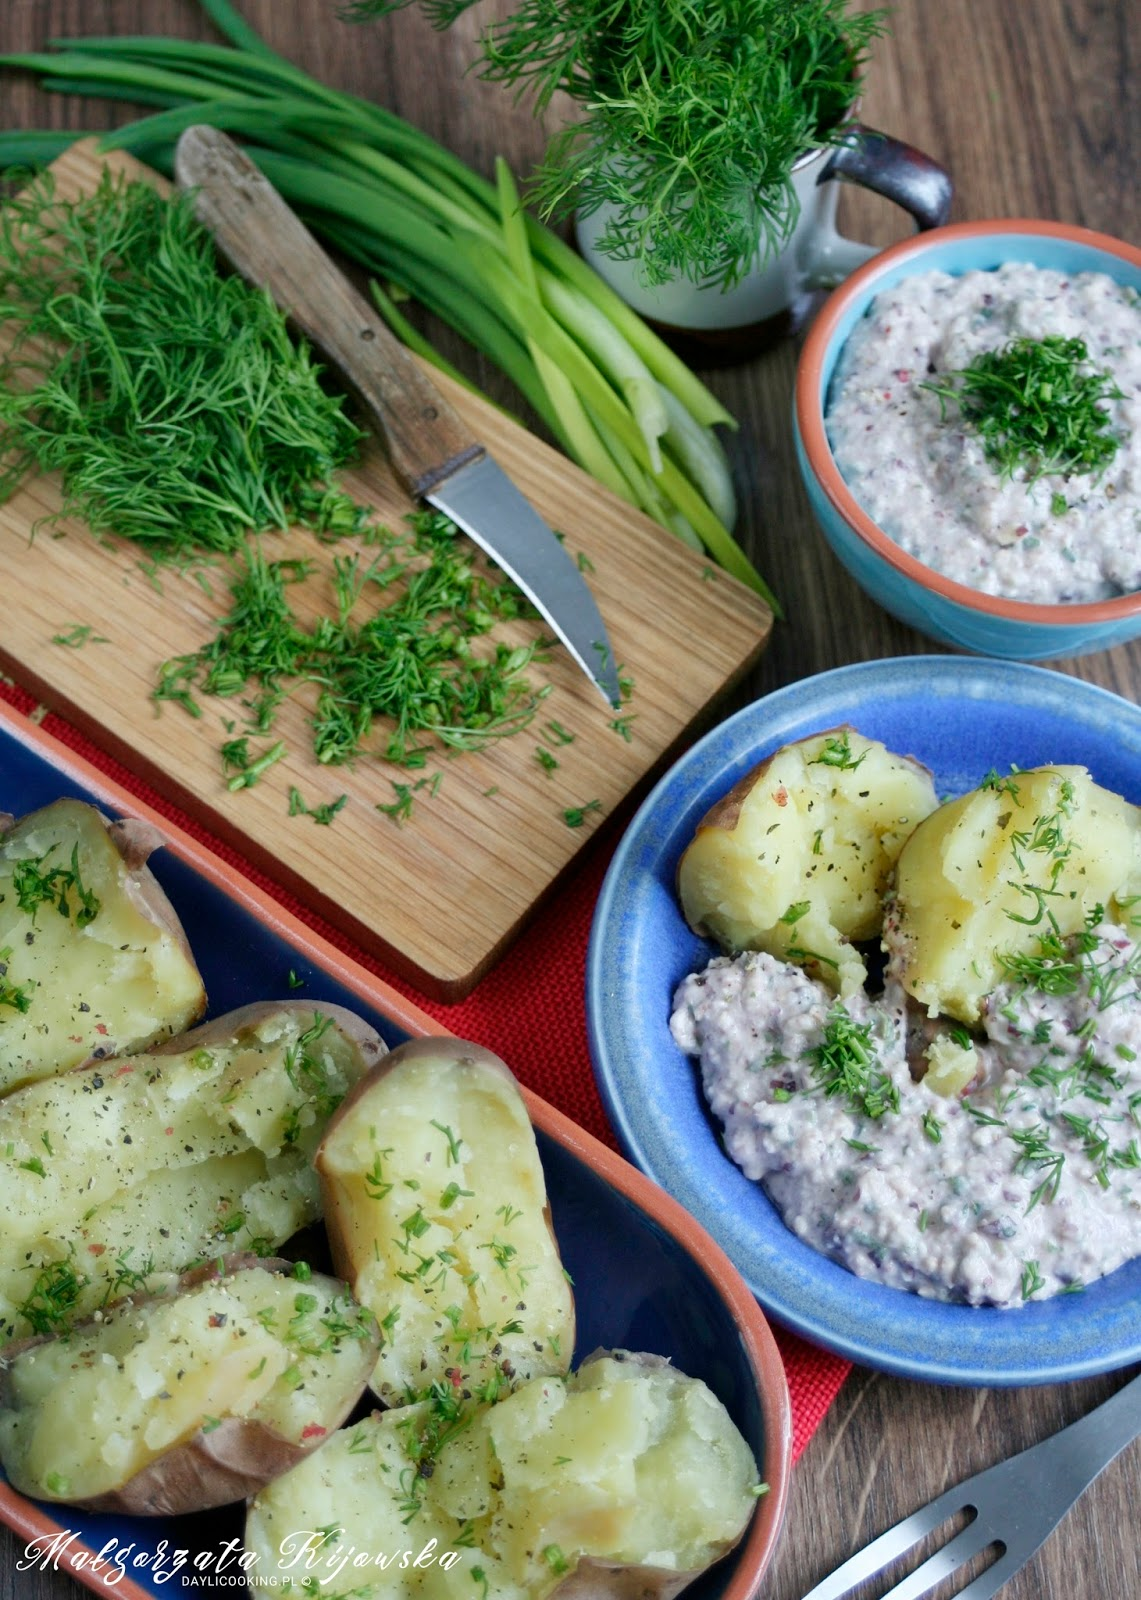 obiad, ryba, ziemniaki, daylicooking, Małgorzata Kijowska